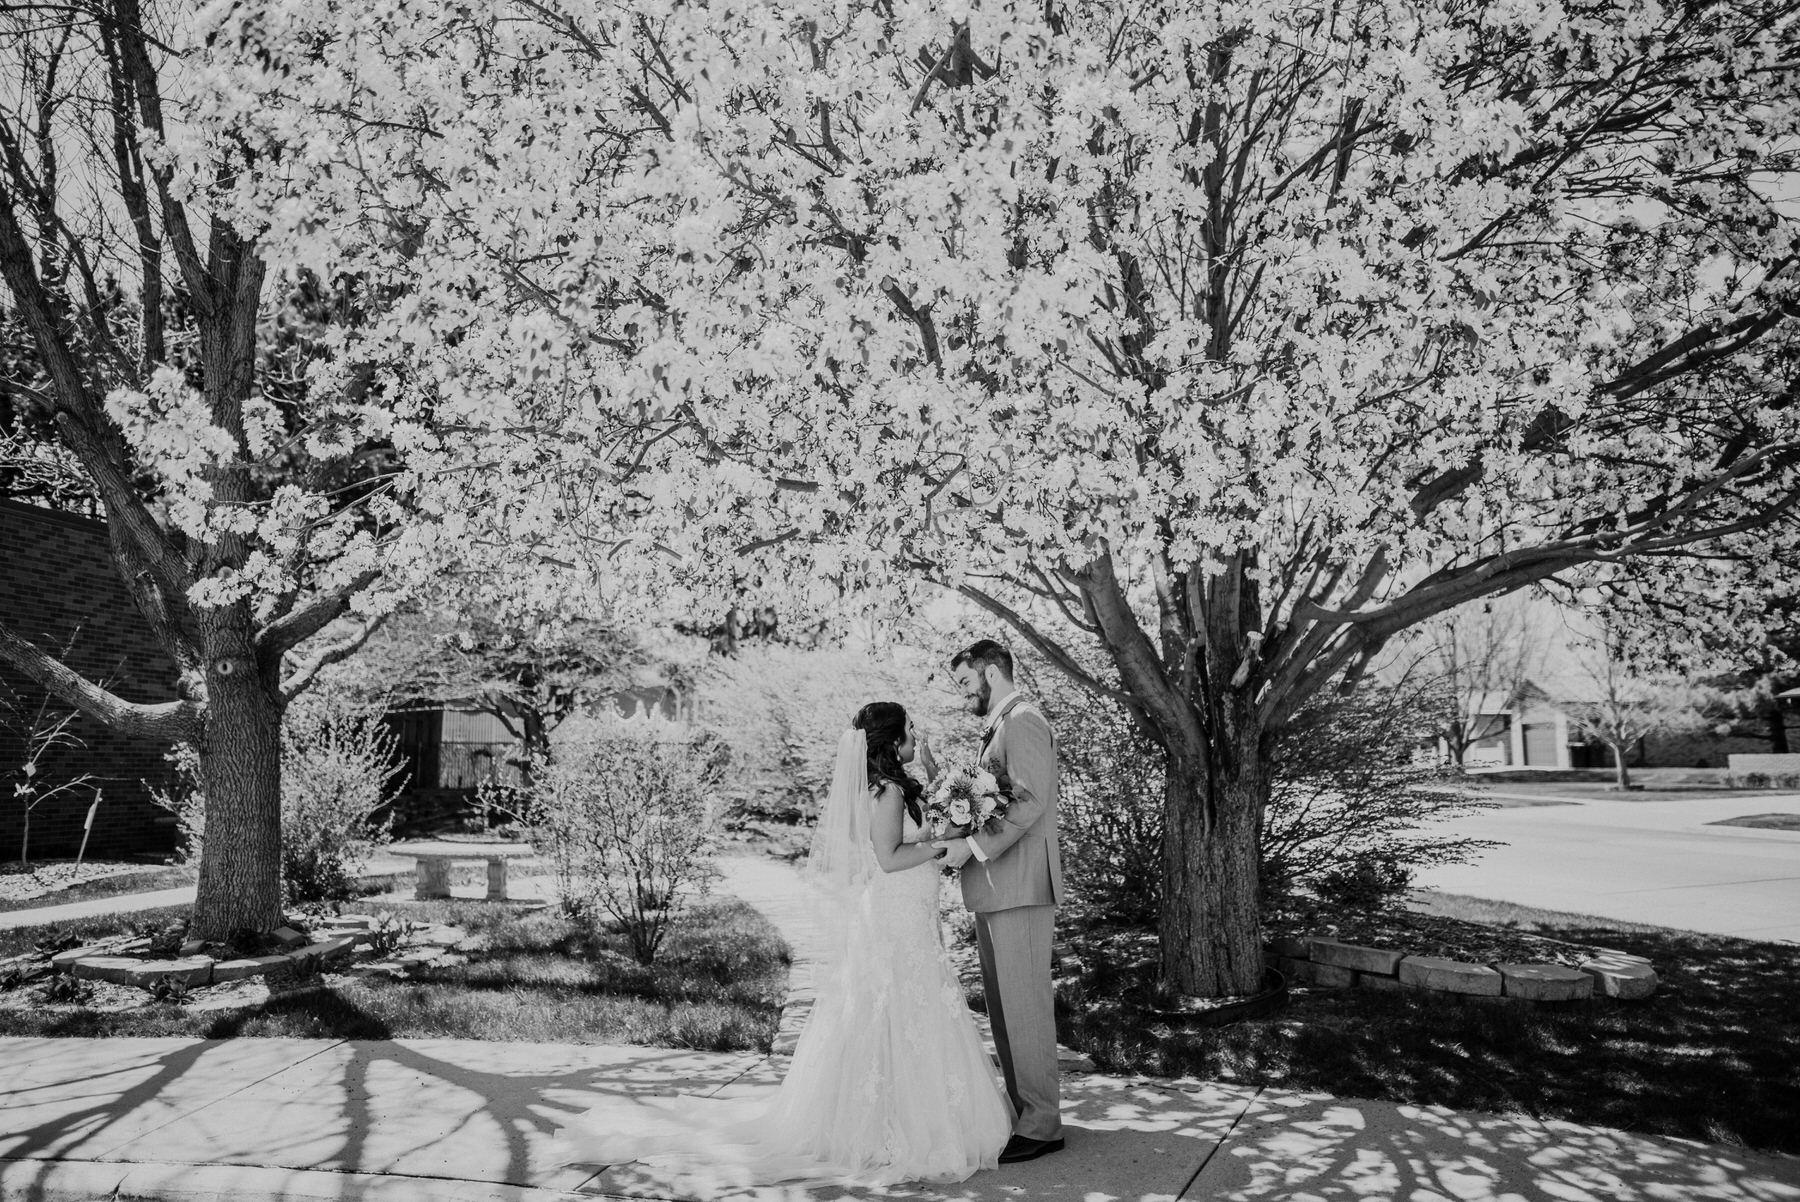 Kaylie-Sirek-Photography-Kearney-Nebraska-Wedding-040.jpg